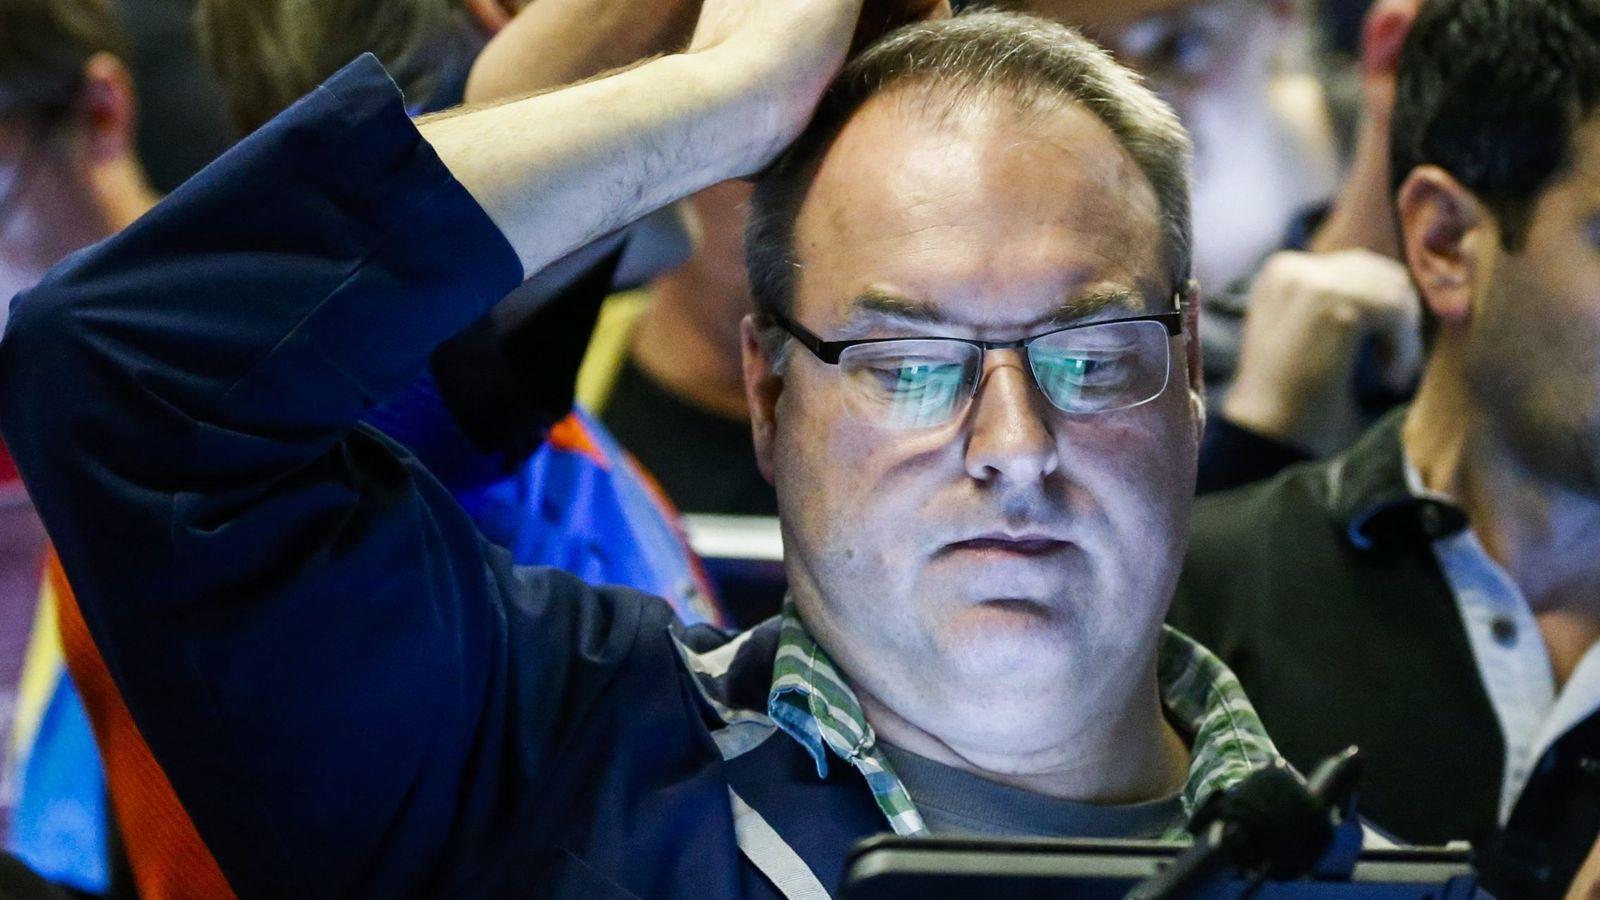 Foto: Un agente del mercado mira una pantalla de cotizaciones en Chicago. (EFE)